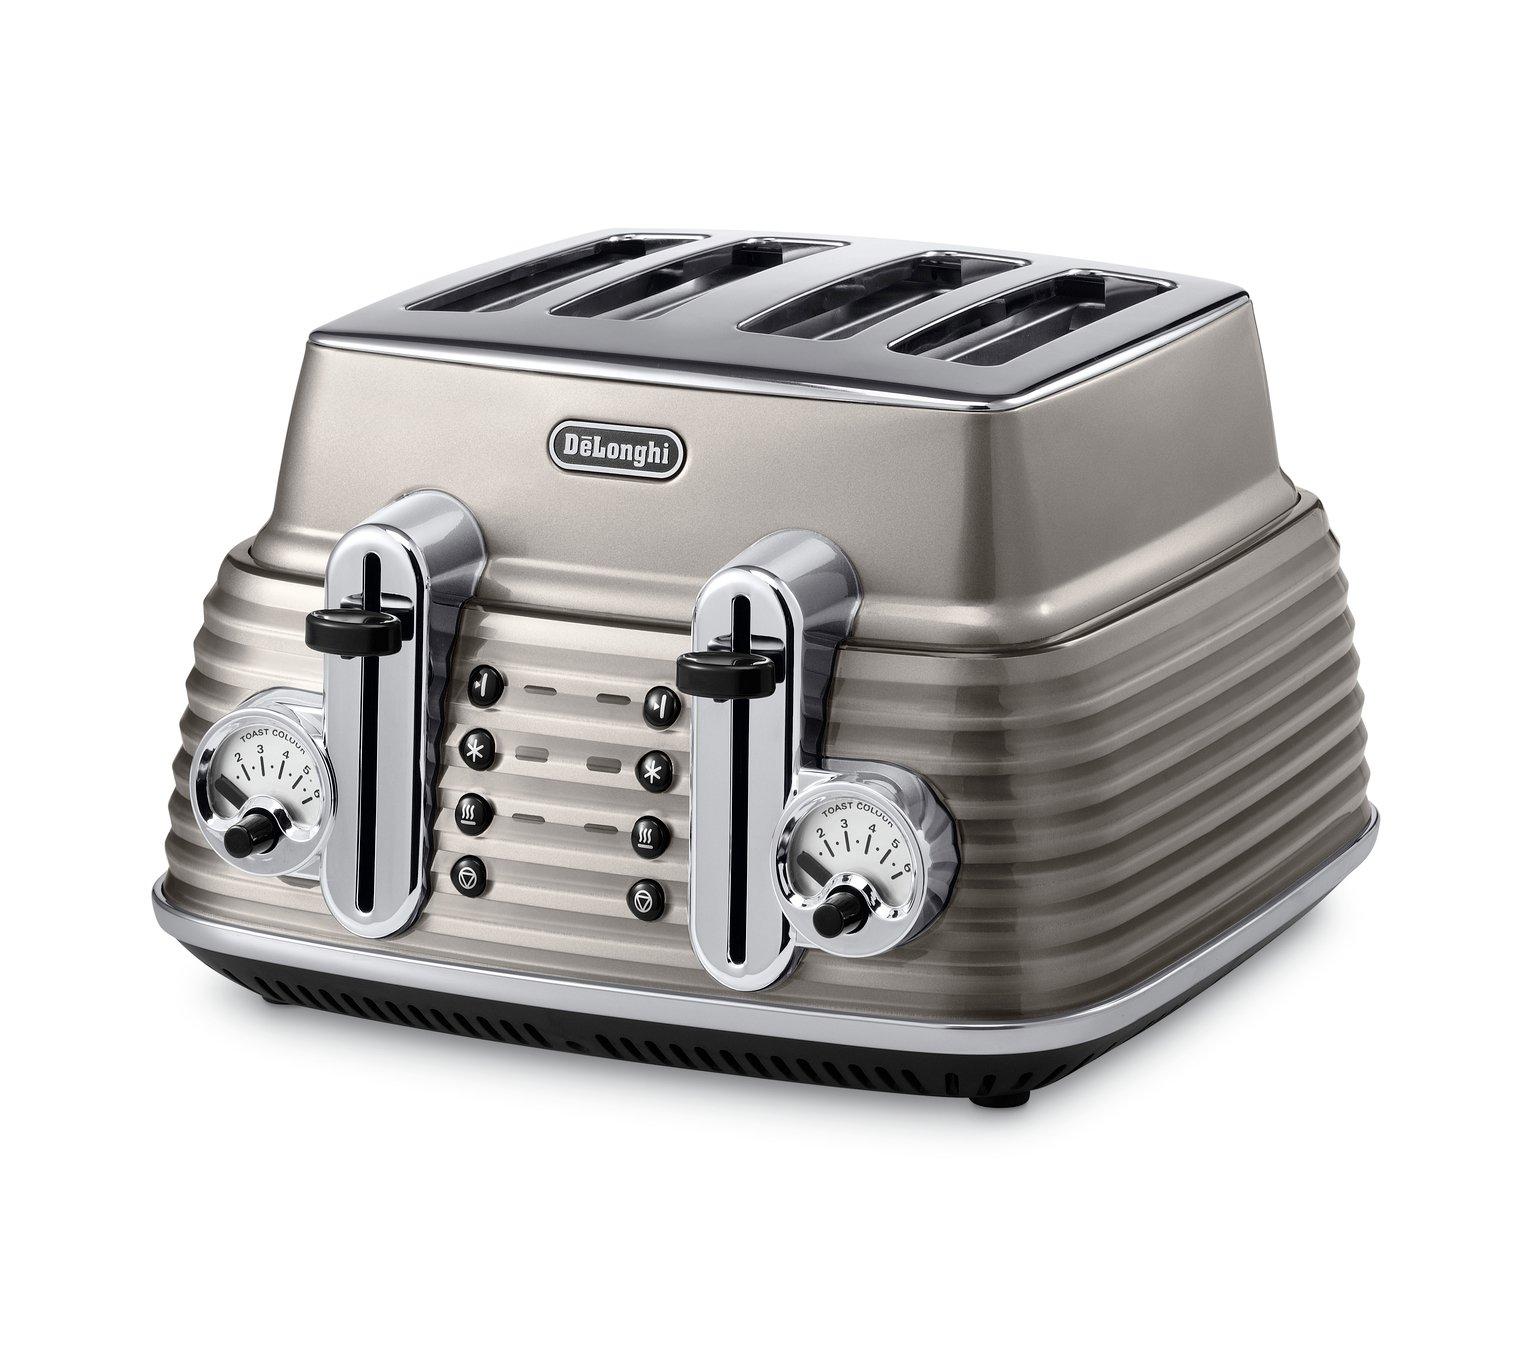 DeLonghi - Toaster - Scultura - 4 Slice - Champagne